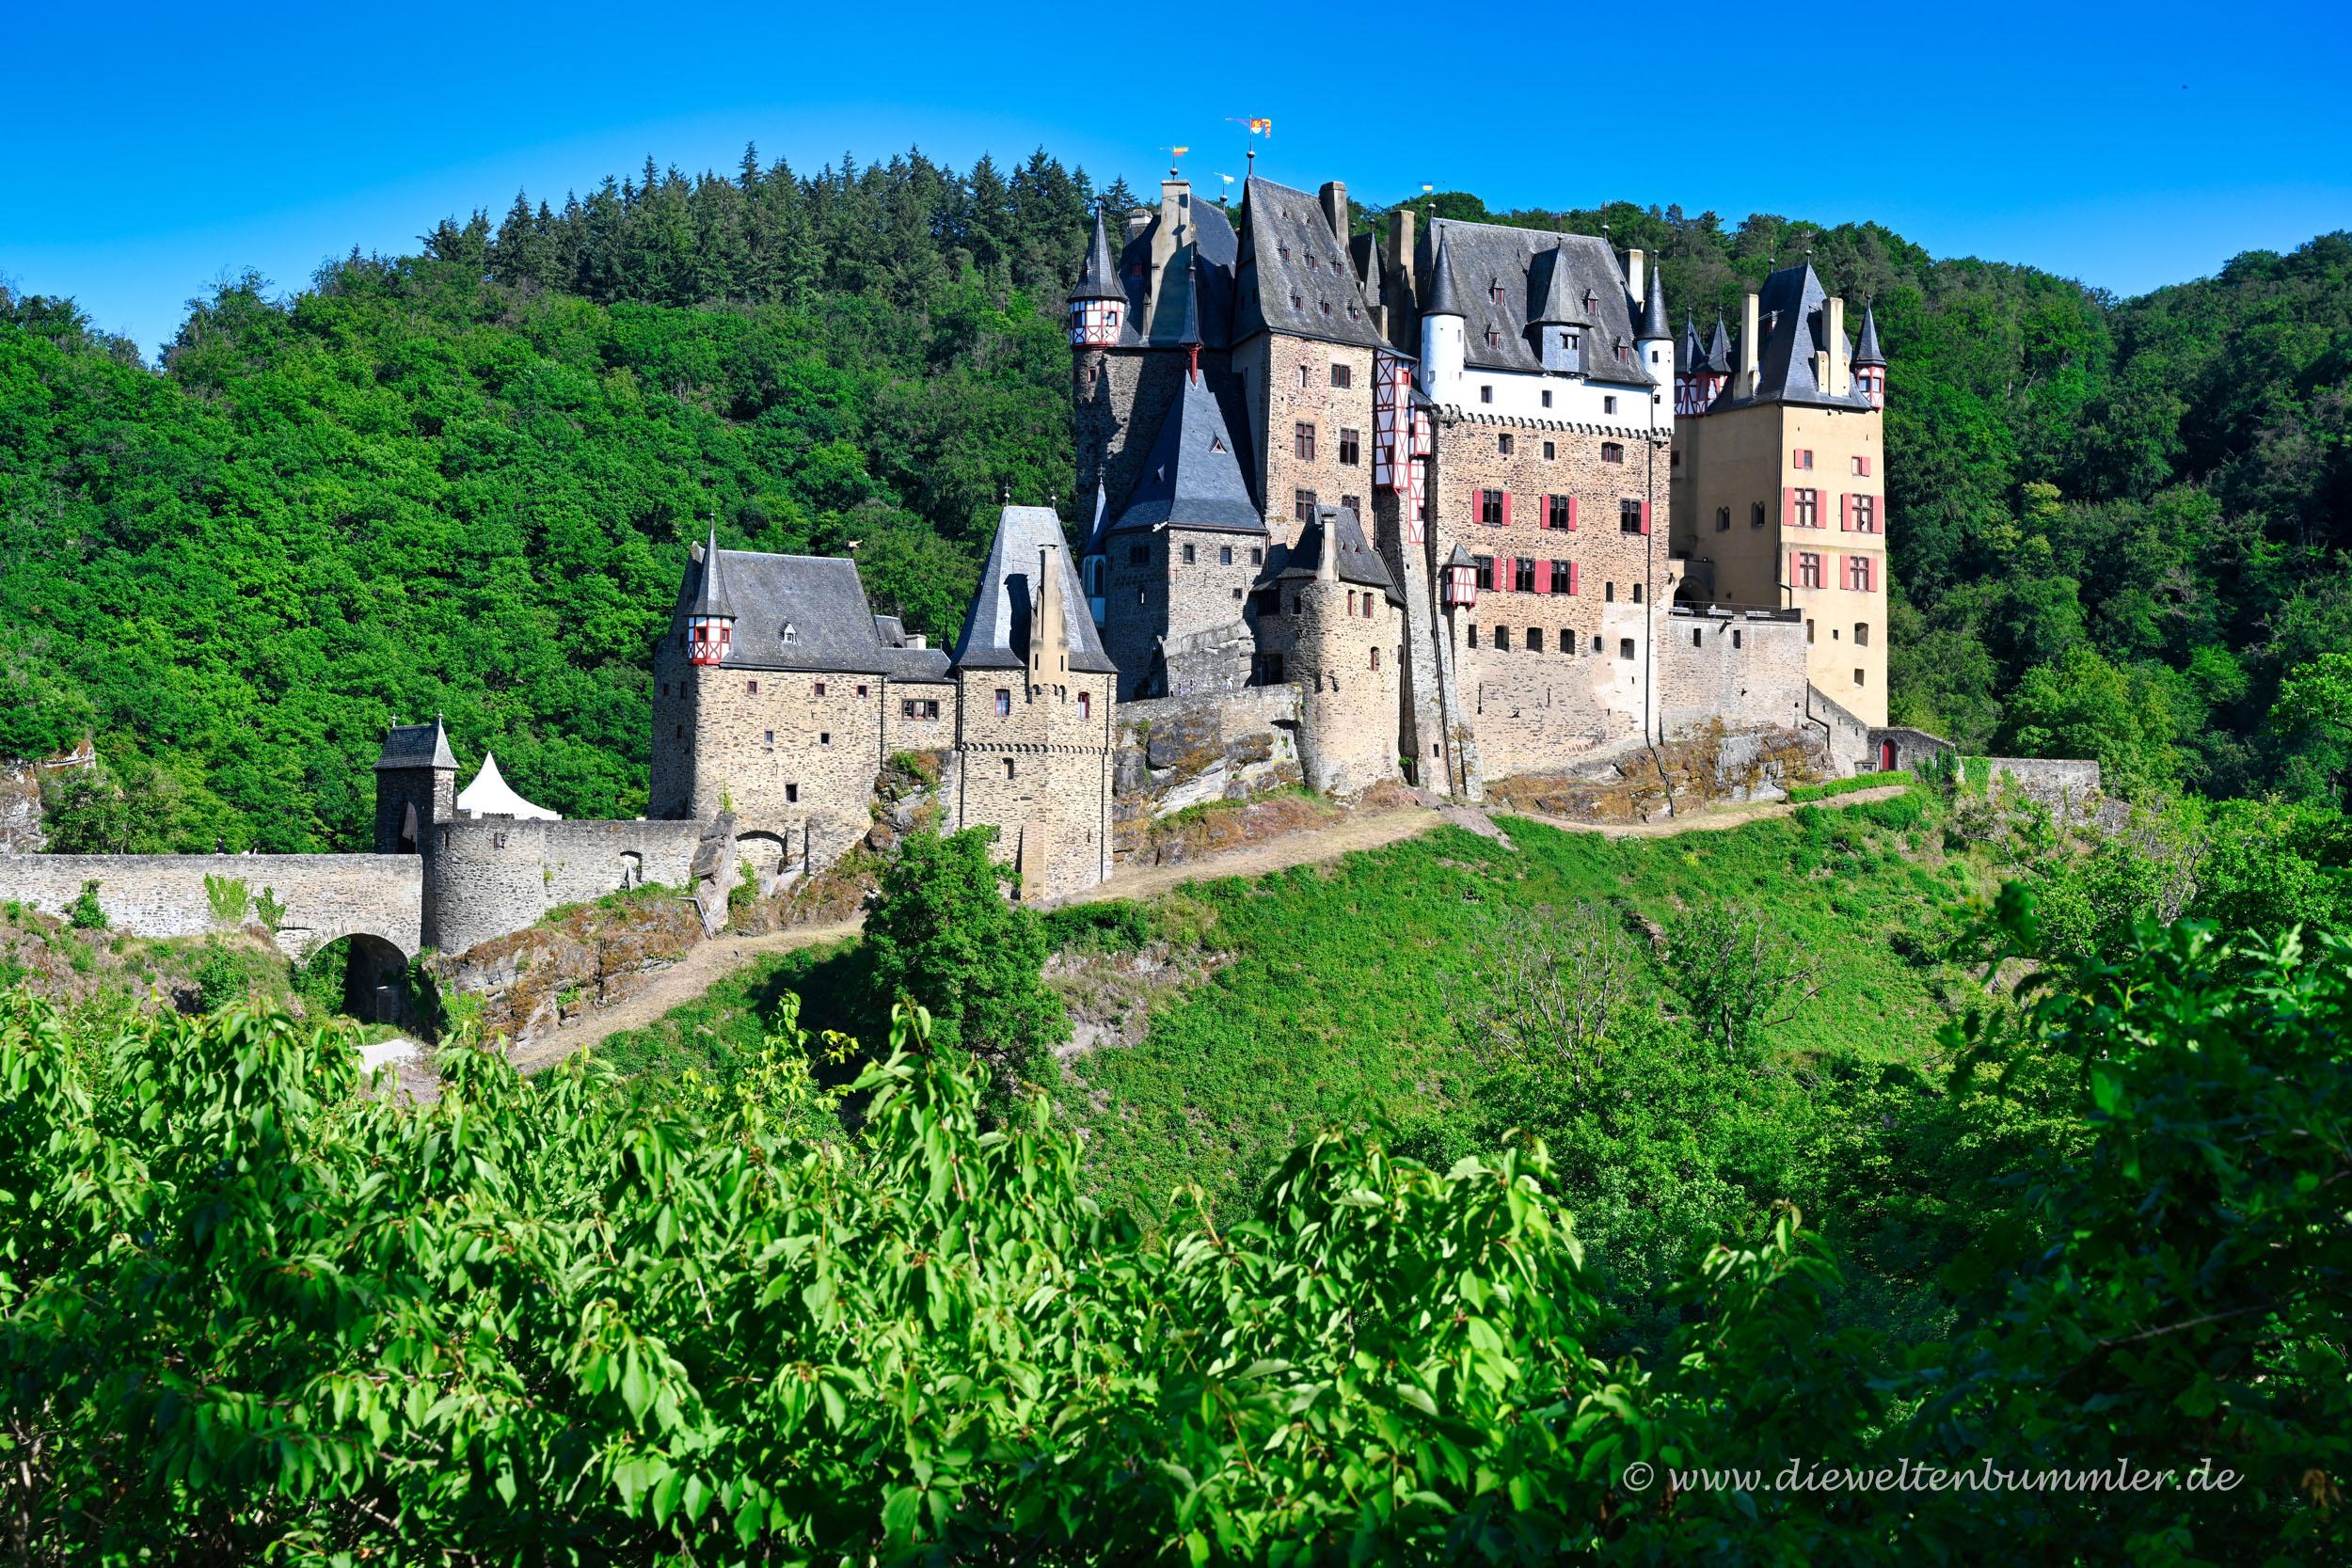 Die Burg Eltz im Abendlicht